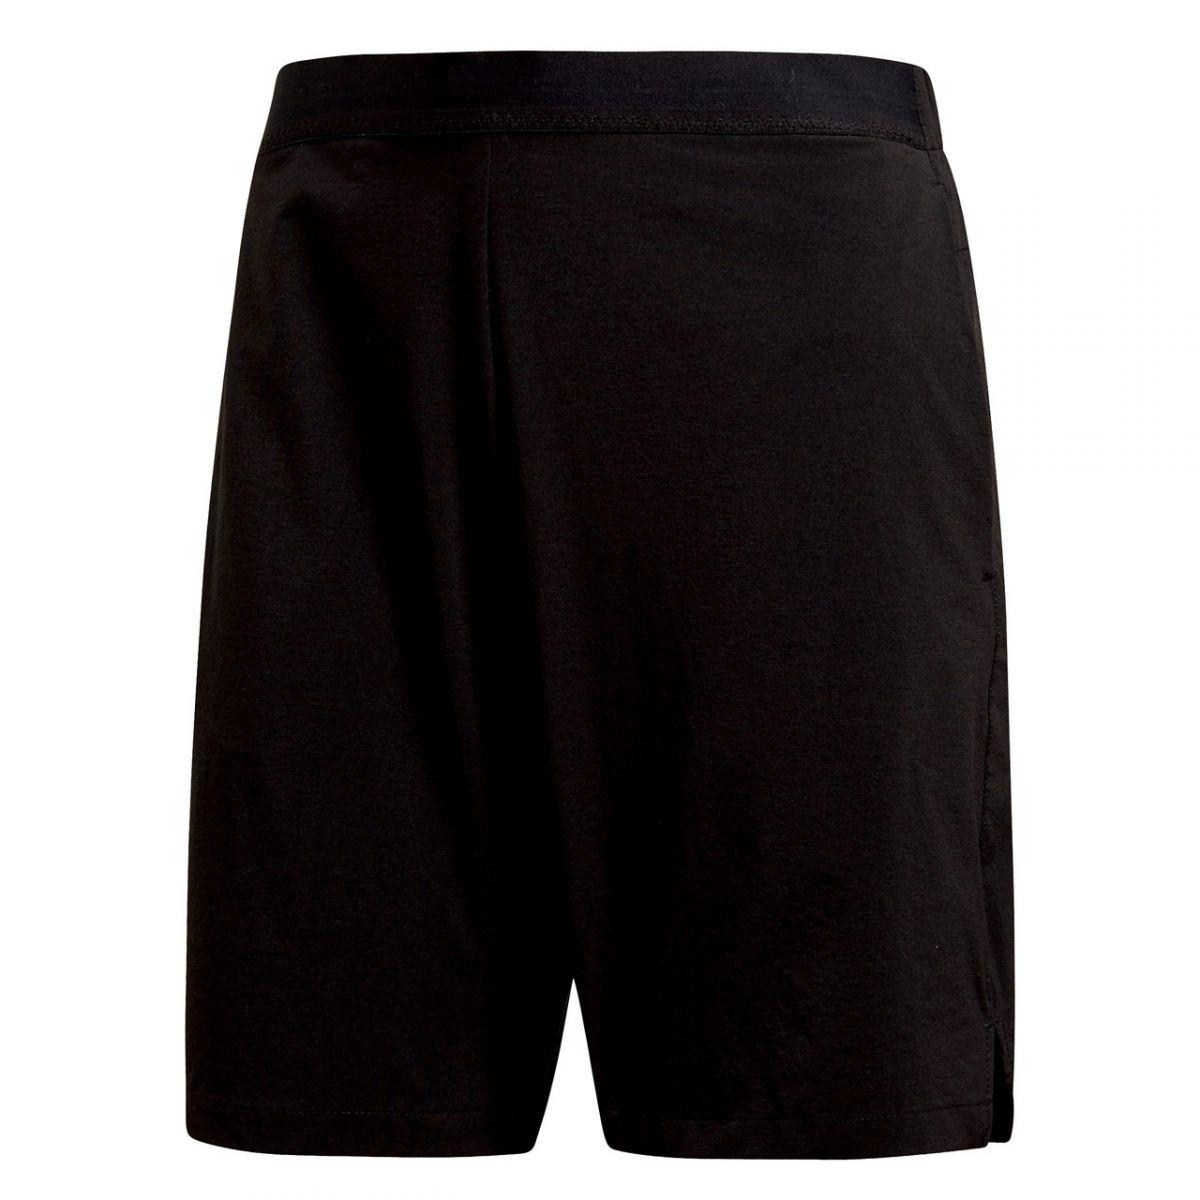 Damen Outdoorhose Liteflex Shorts